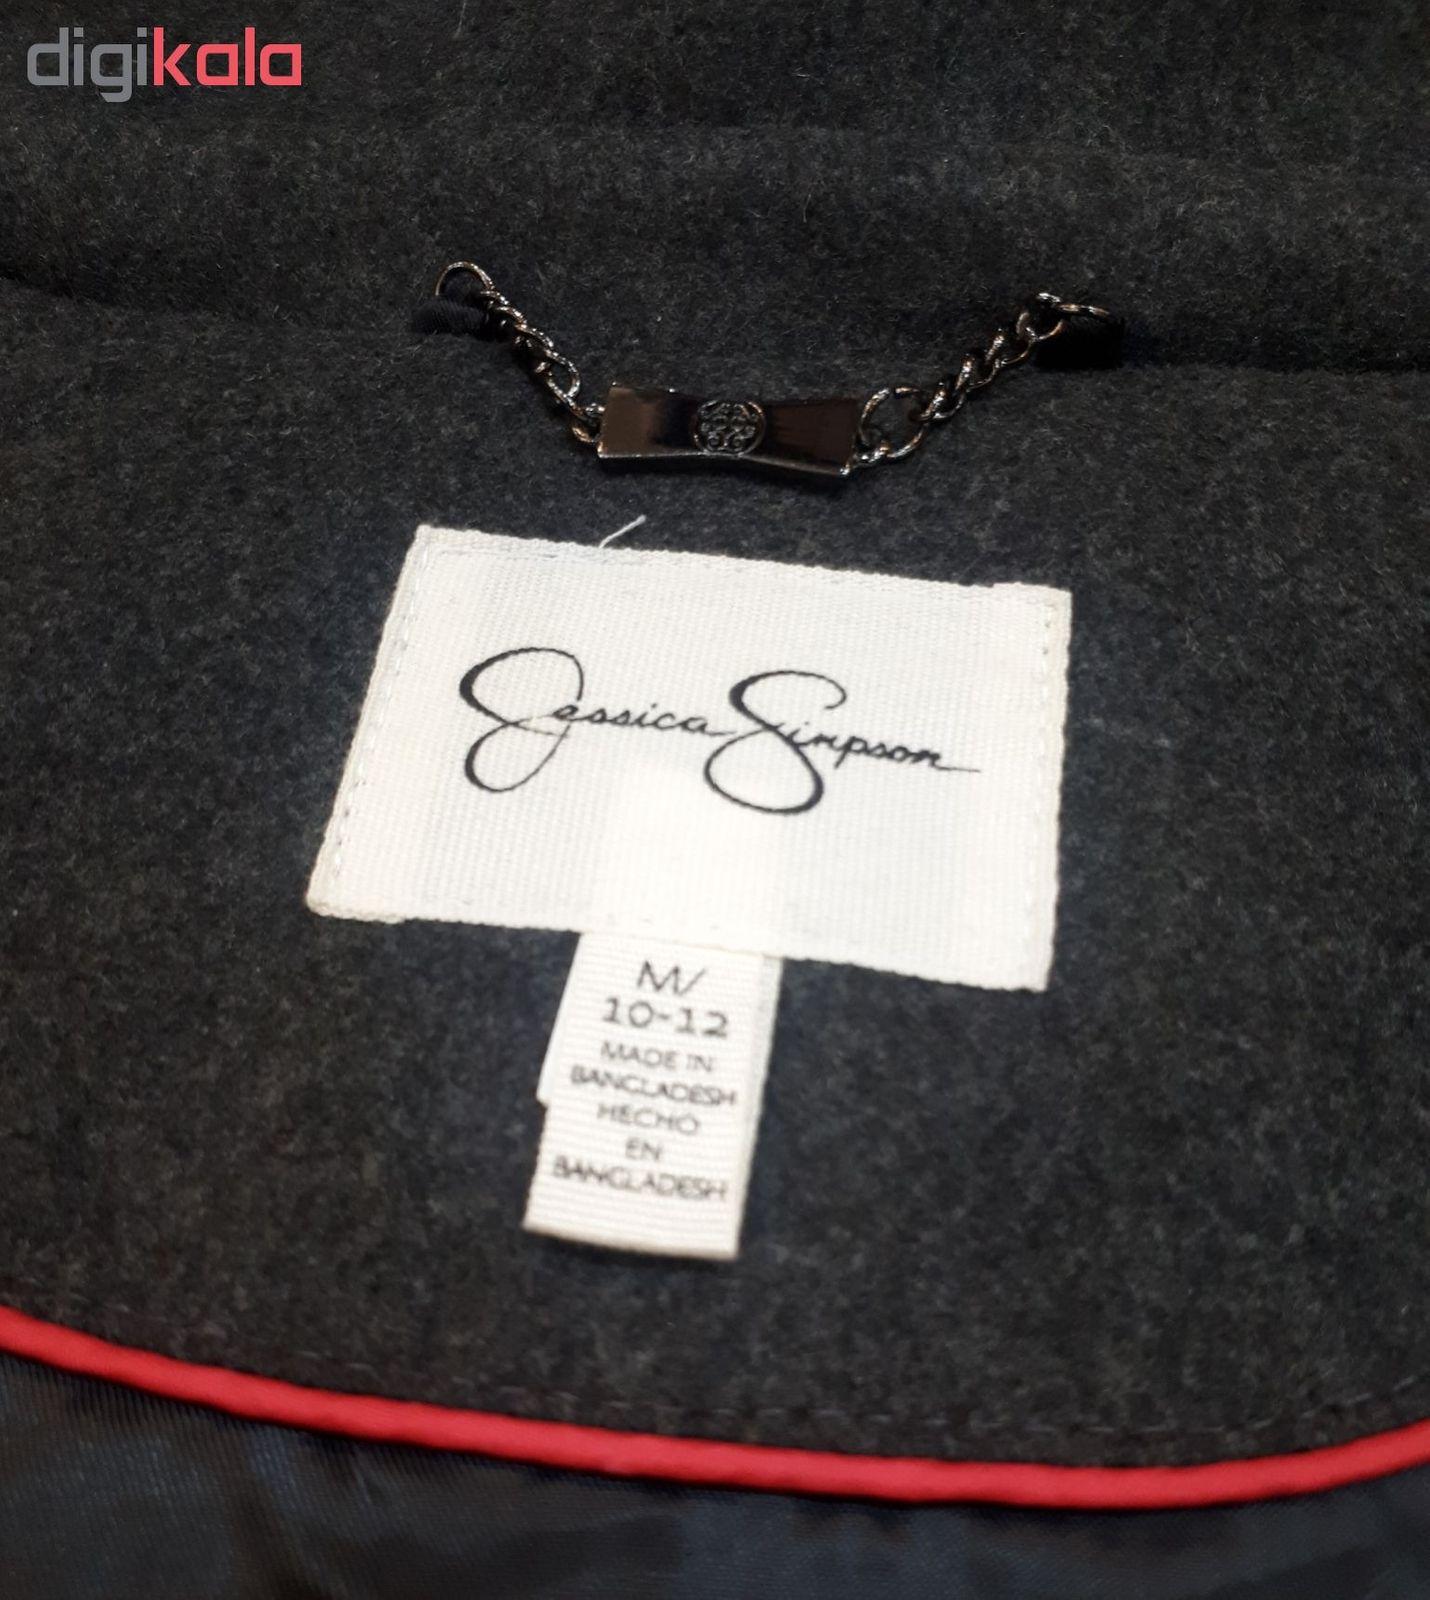 خرید اینترنتی با تخفیف ویژه پالتو دخترانه جسیکا سیمسون مدل G-11